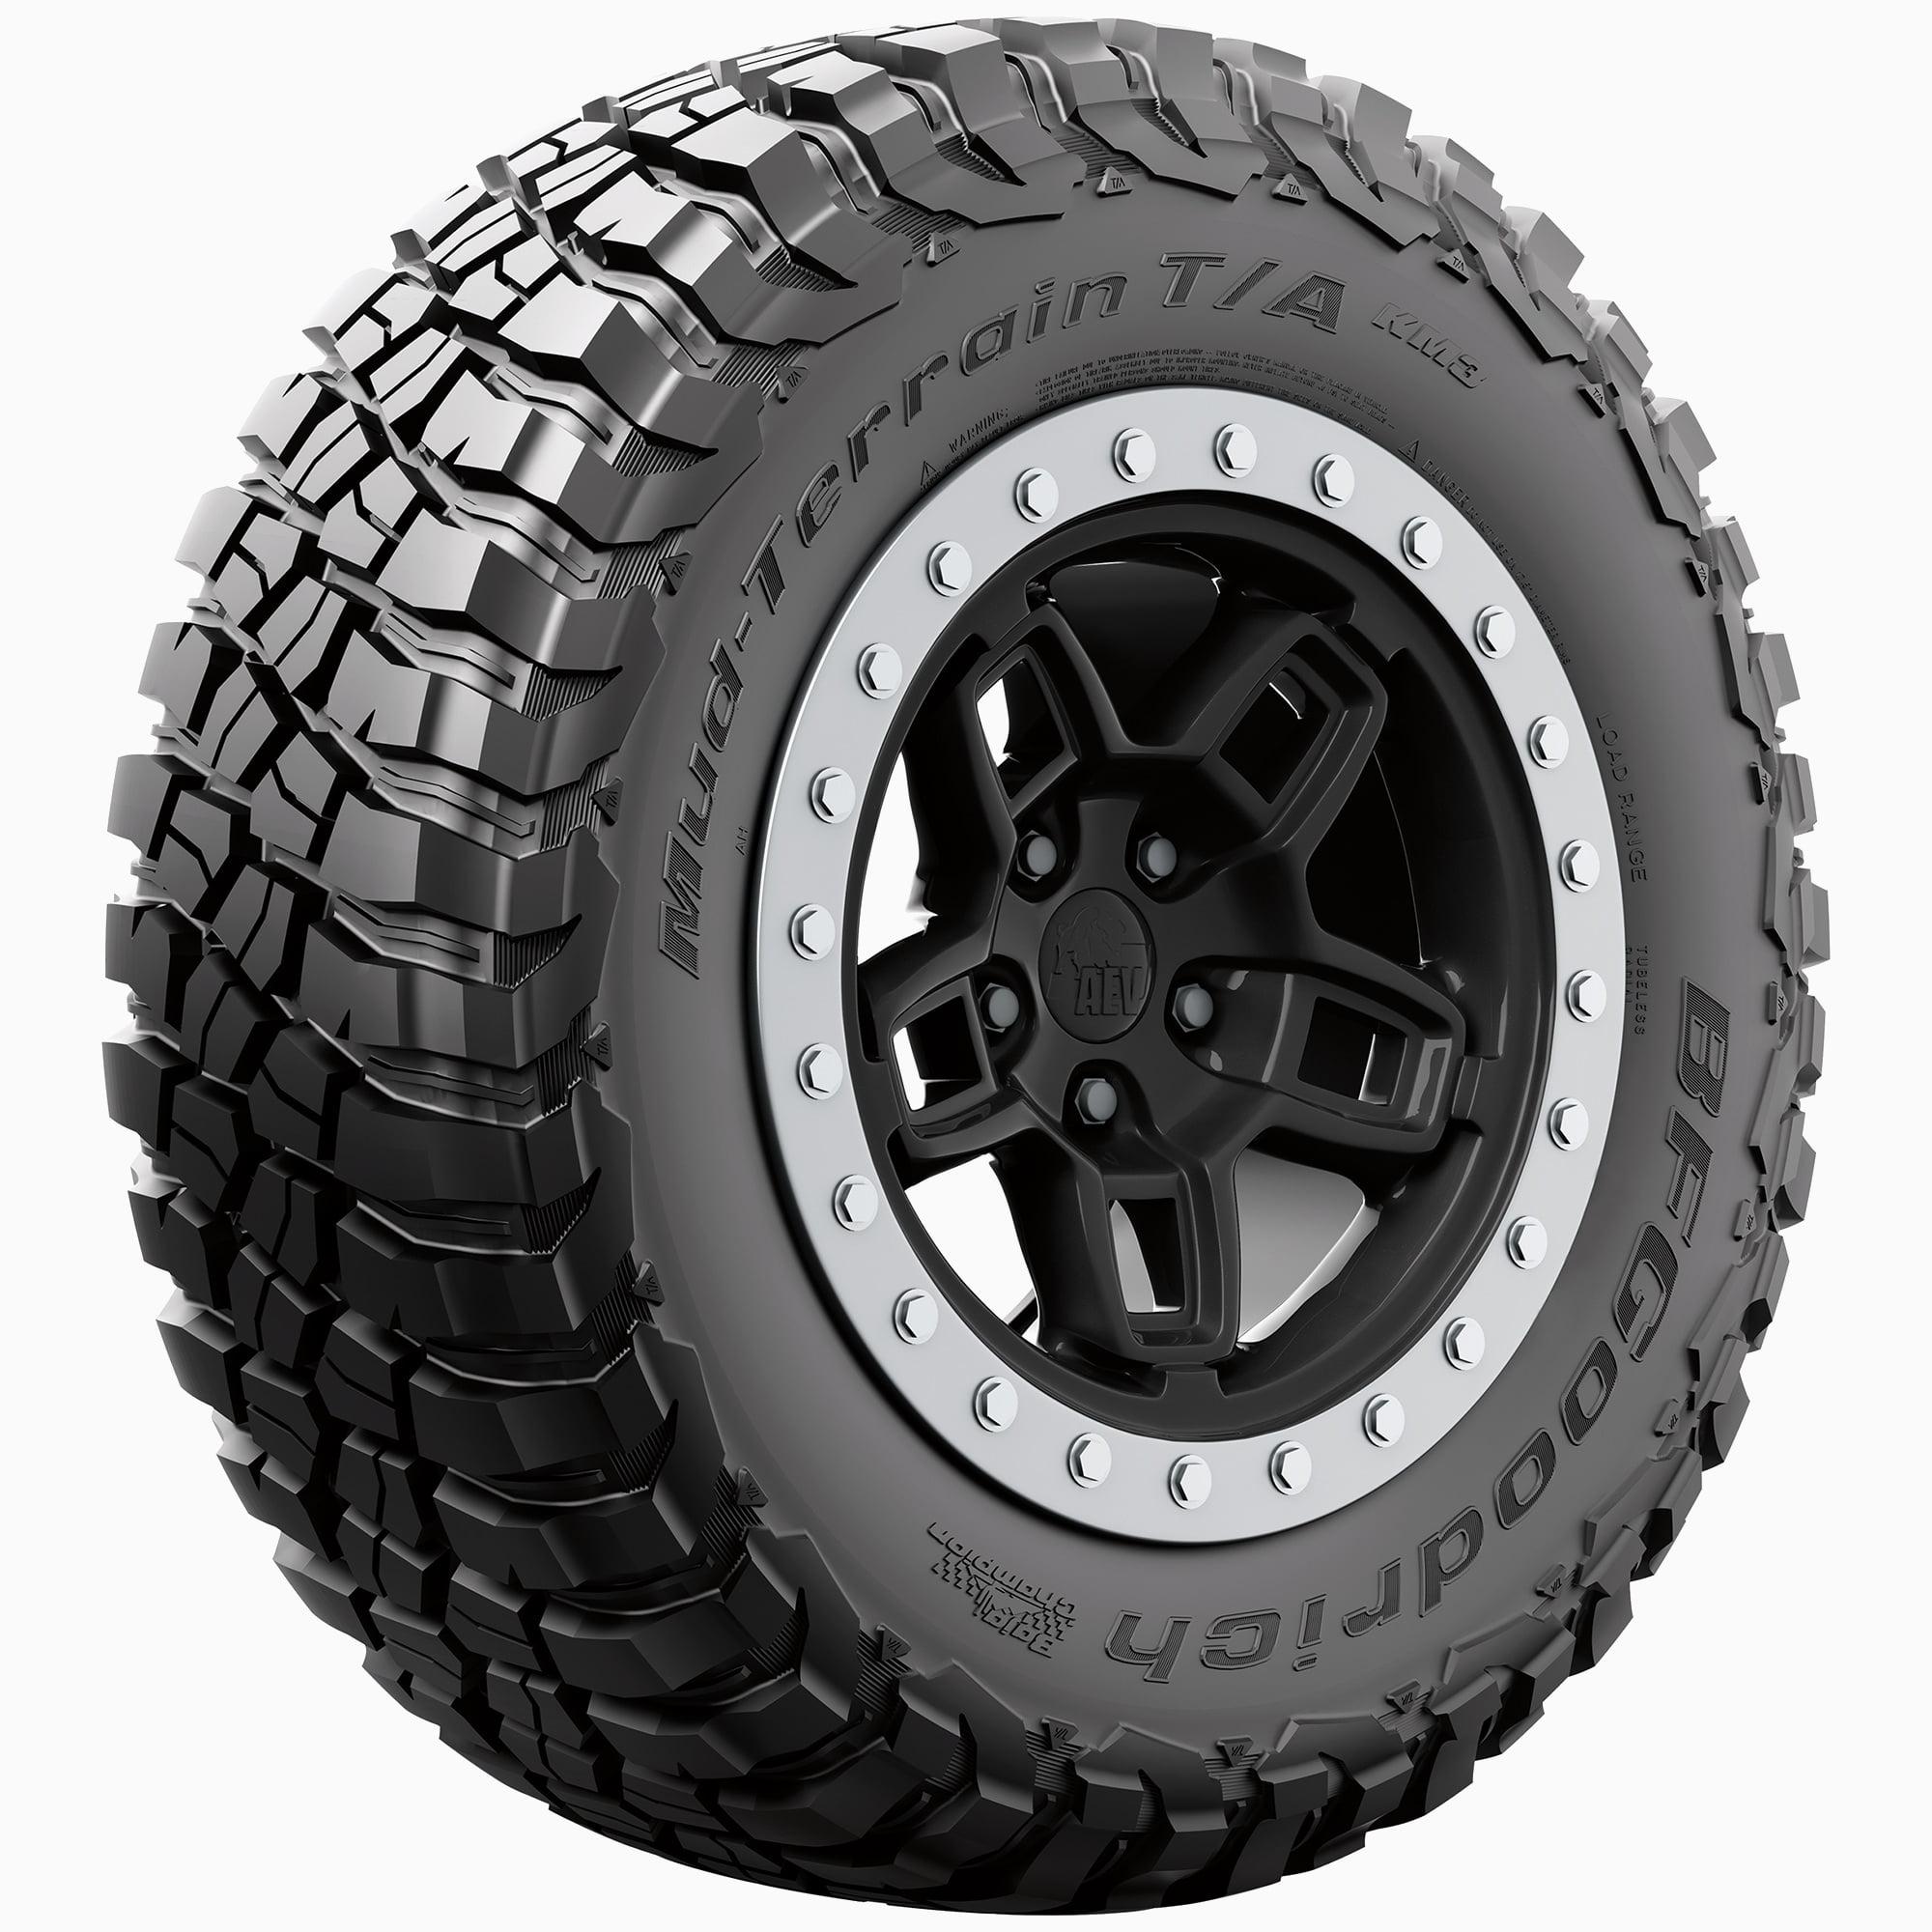 Bf Goodrich Mud Terrain Tires >> Bfgoodrich Mud Terrain T A Km3 Off Road Tire 35x12 50r17 E 121q